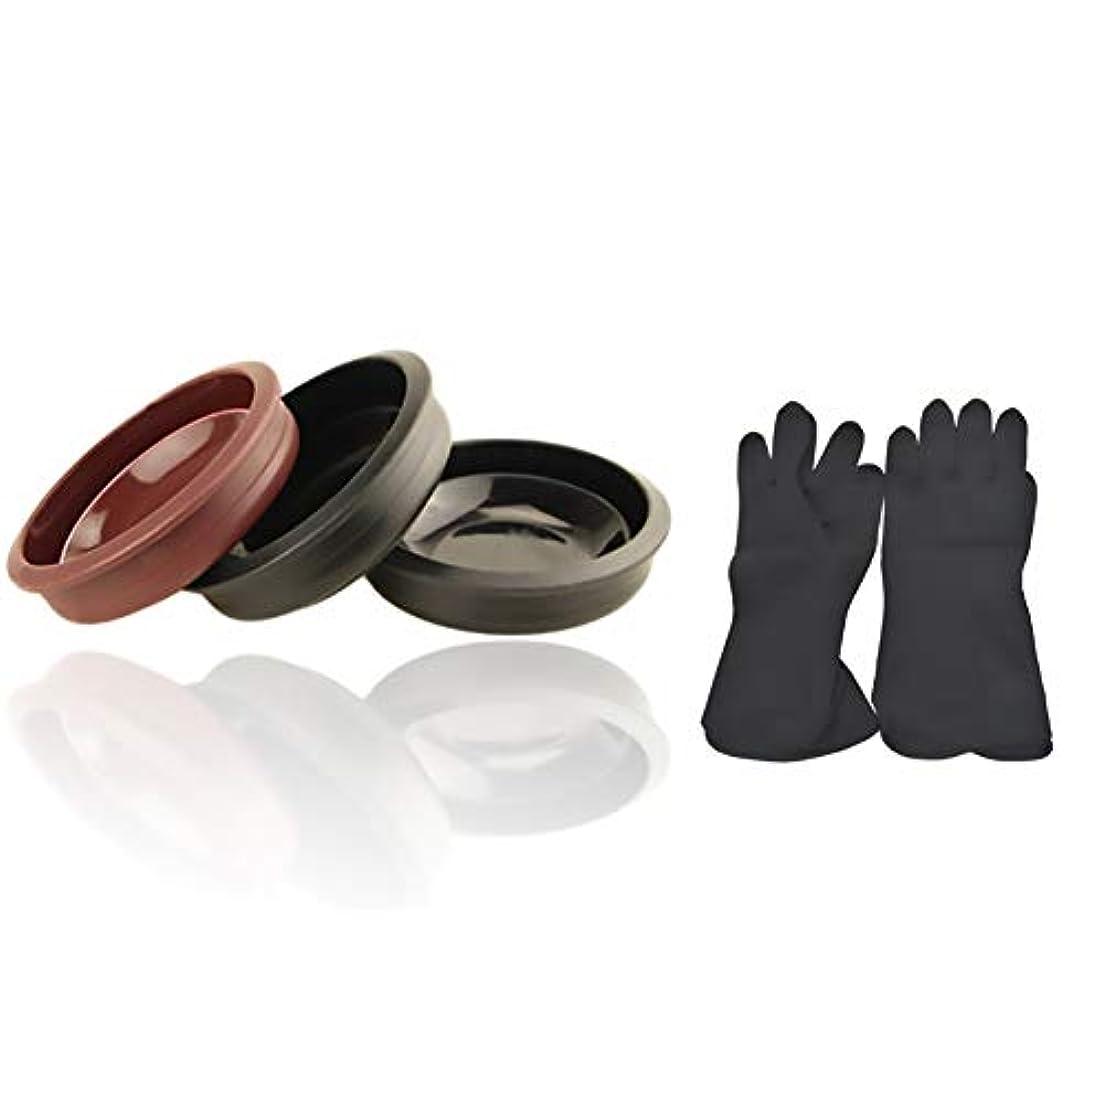 キリン漂流起きてTofover 3ピースヘアカラーミキシングボウルと20カウントヘアダイ手袋、黒の再利用可能なゴム手袋、ヘアサロンヘア染色のためのプロのヘアカラーツールキット